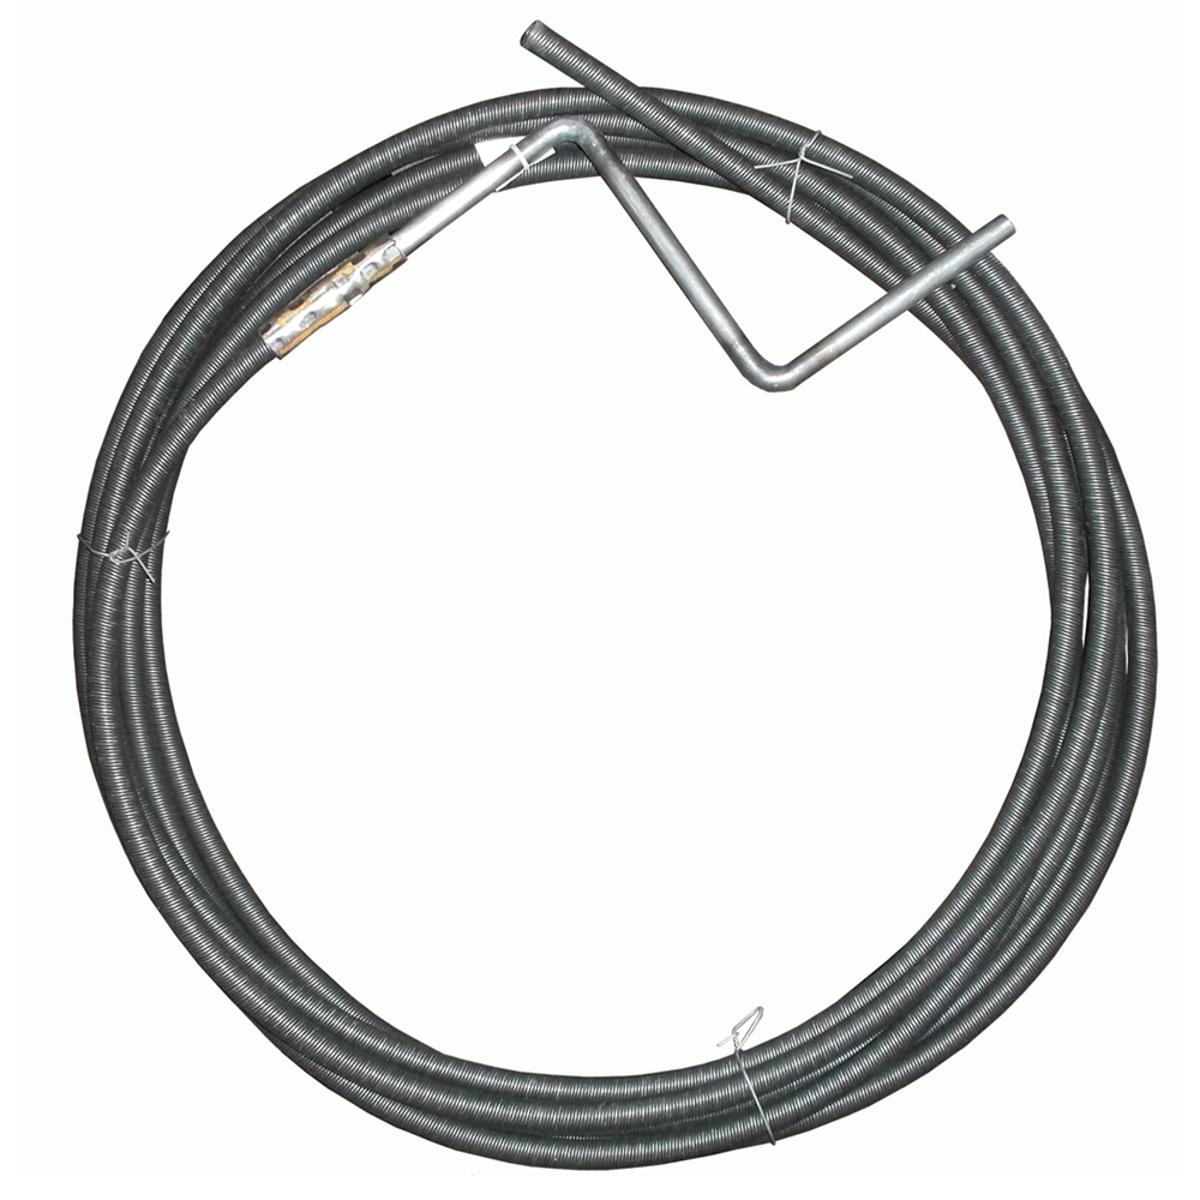 Трос пружинный для прочистки канализационных труб Masterprof, 6 мм х 5 м трос сантехнический пружинный wirquin 70980831 2 5 м